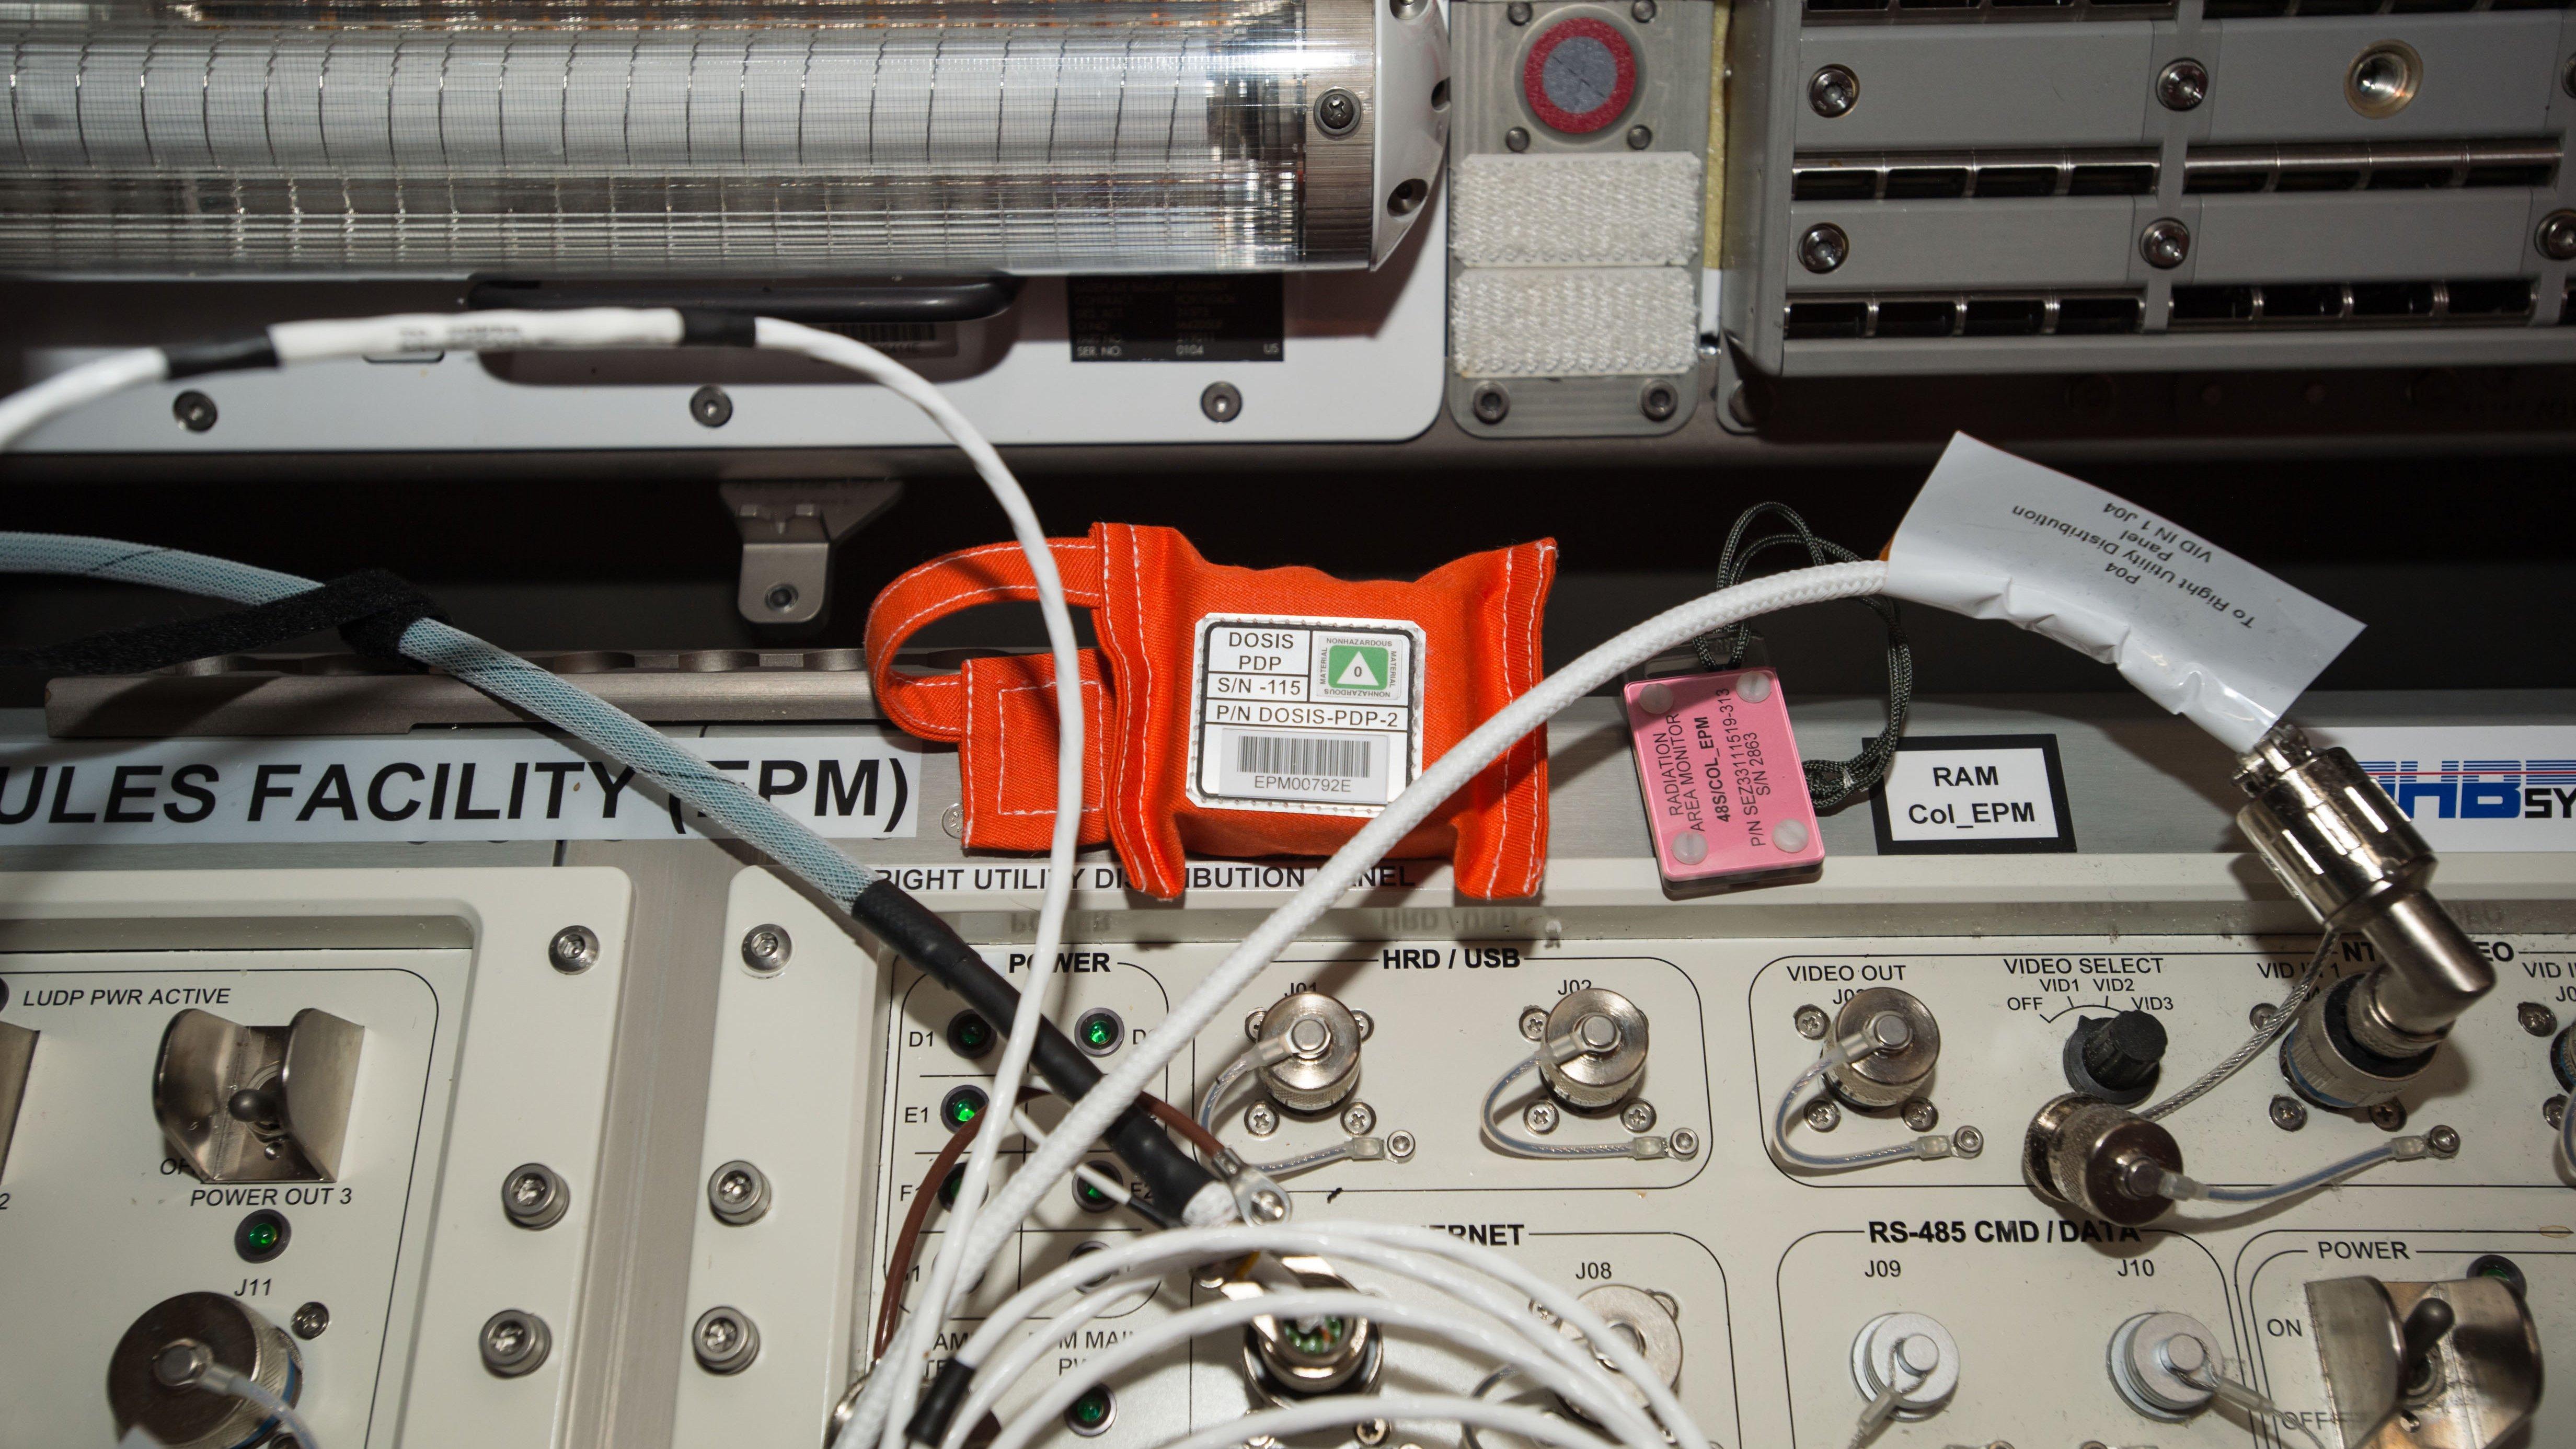 Im Inneren des orangenen Päckchens befinden sich hunderte von kleinen Detektoren, die im Forschungslabor Columbus der ISS die Strahlung erfassen. 11 solcher Detektoren-Sets sind jetzt installiert und messen sechs Monate lang die Belastung durch kosmische Strahlung. Das Deutsche Zentrum für Luft- und Raumfahrt (DLR) leitet das Experiment Dosis 3D.